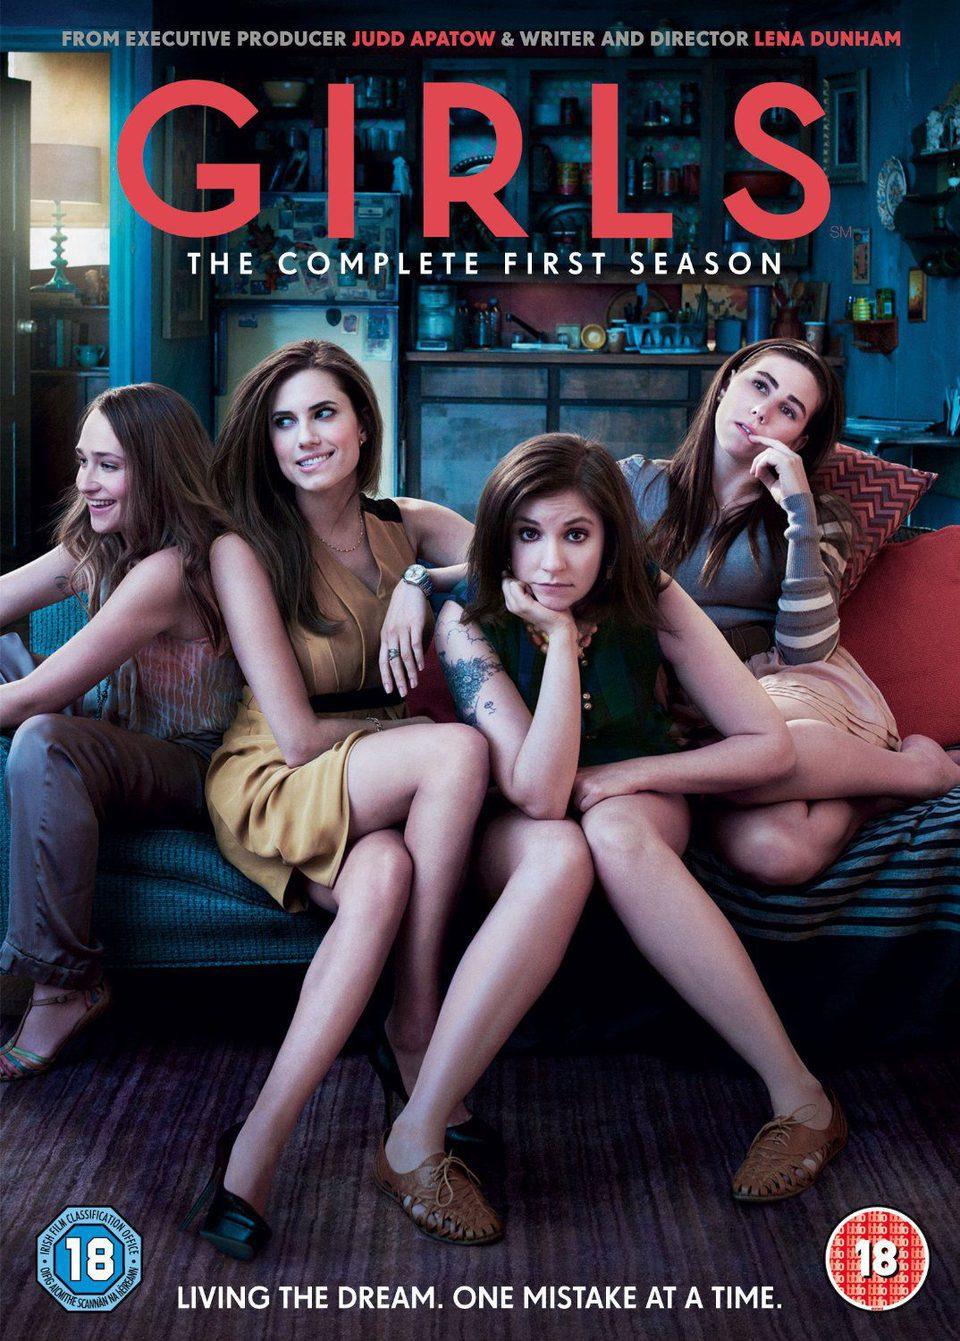 Cartel Temporada 1 de 'Girls'